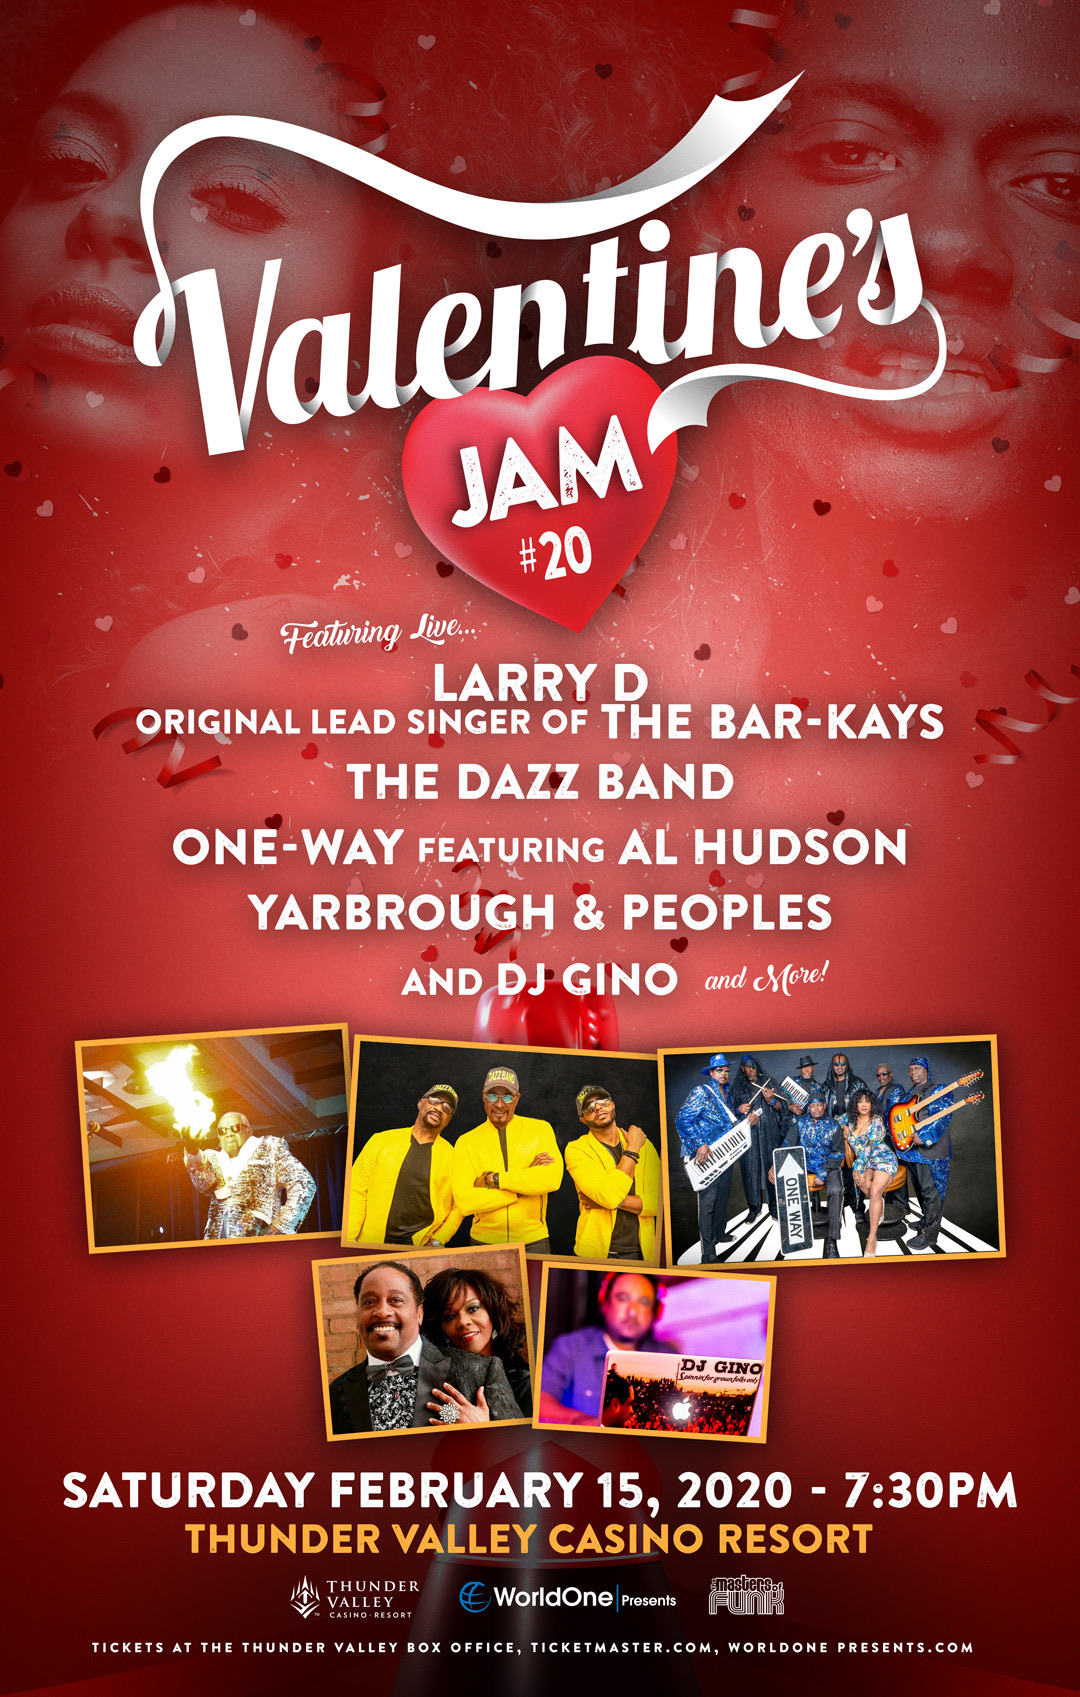 Valentine's Jam 2020